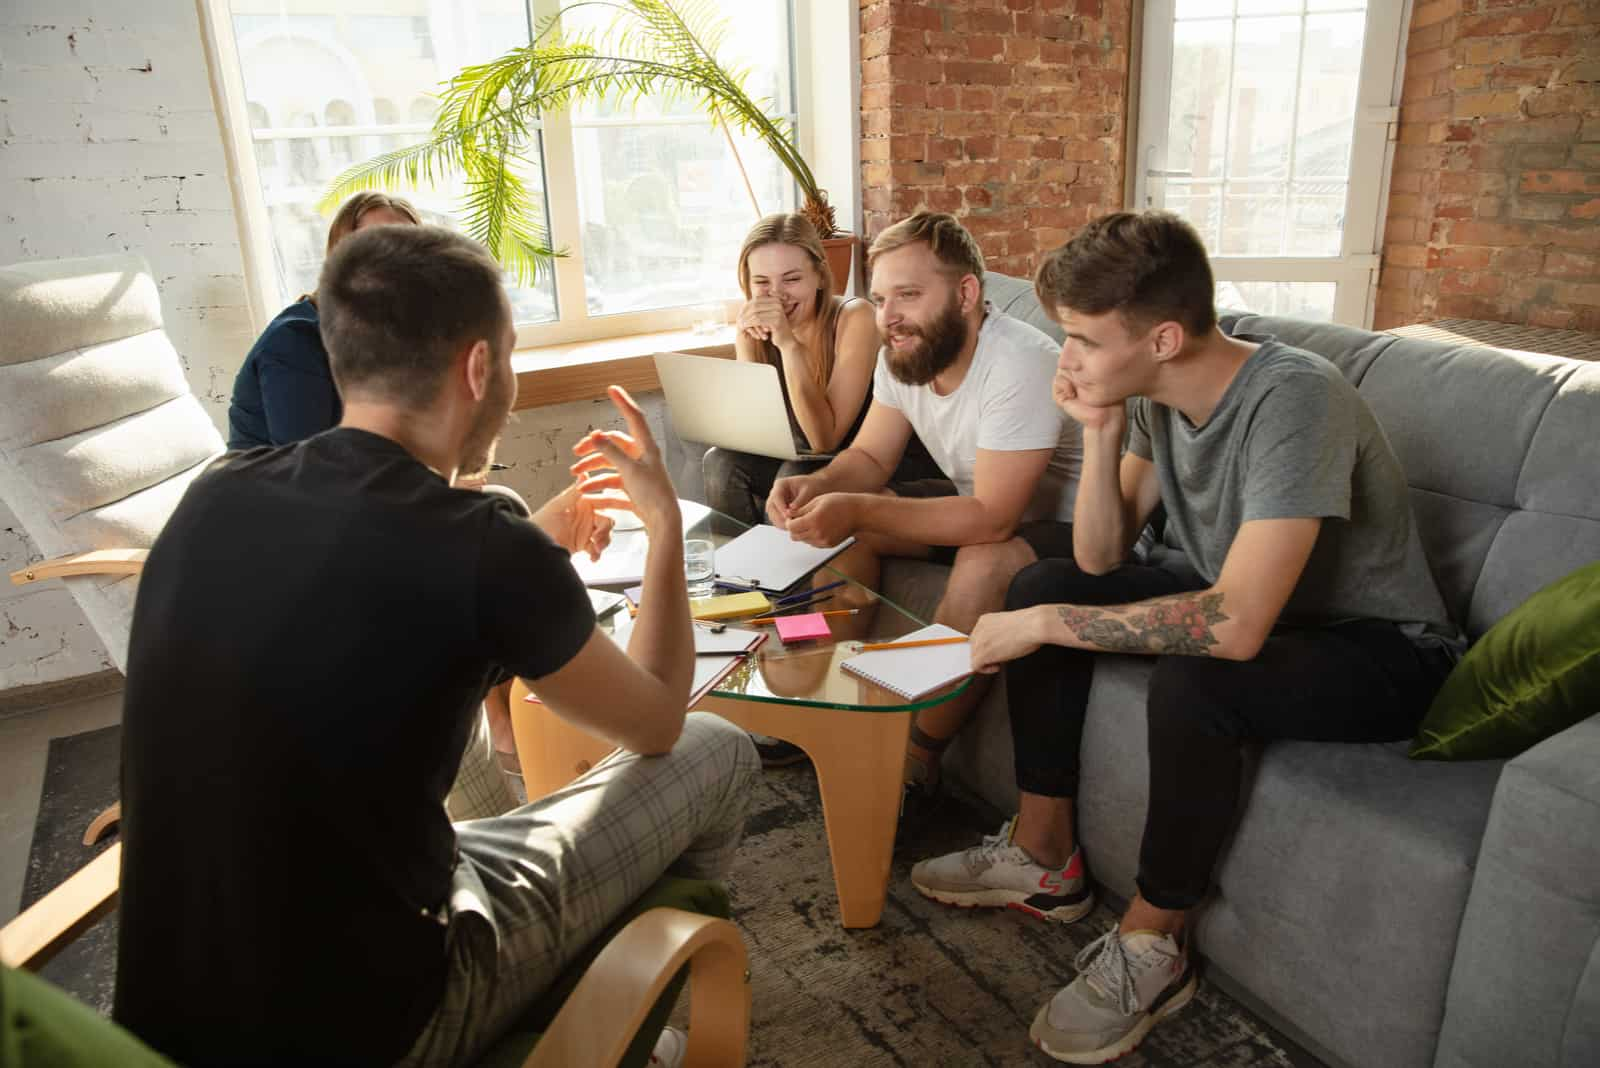 un groupe d'amis assis sur un canapé à une table